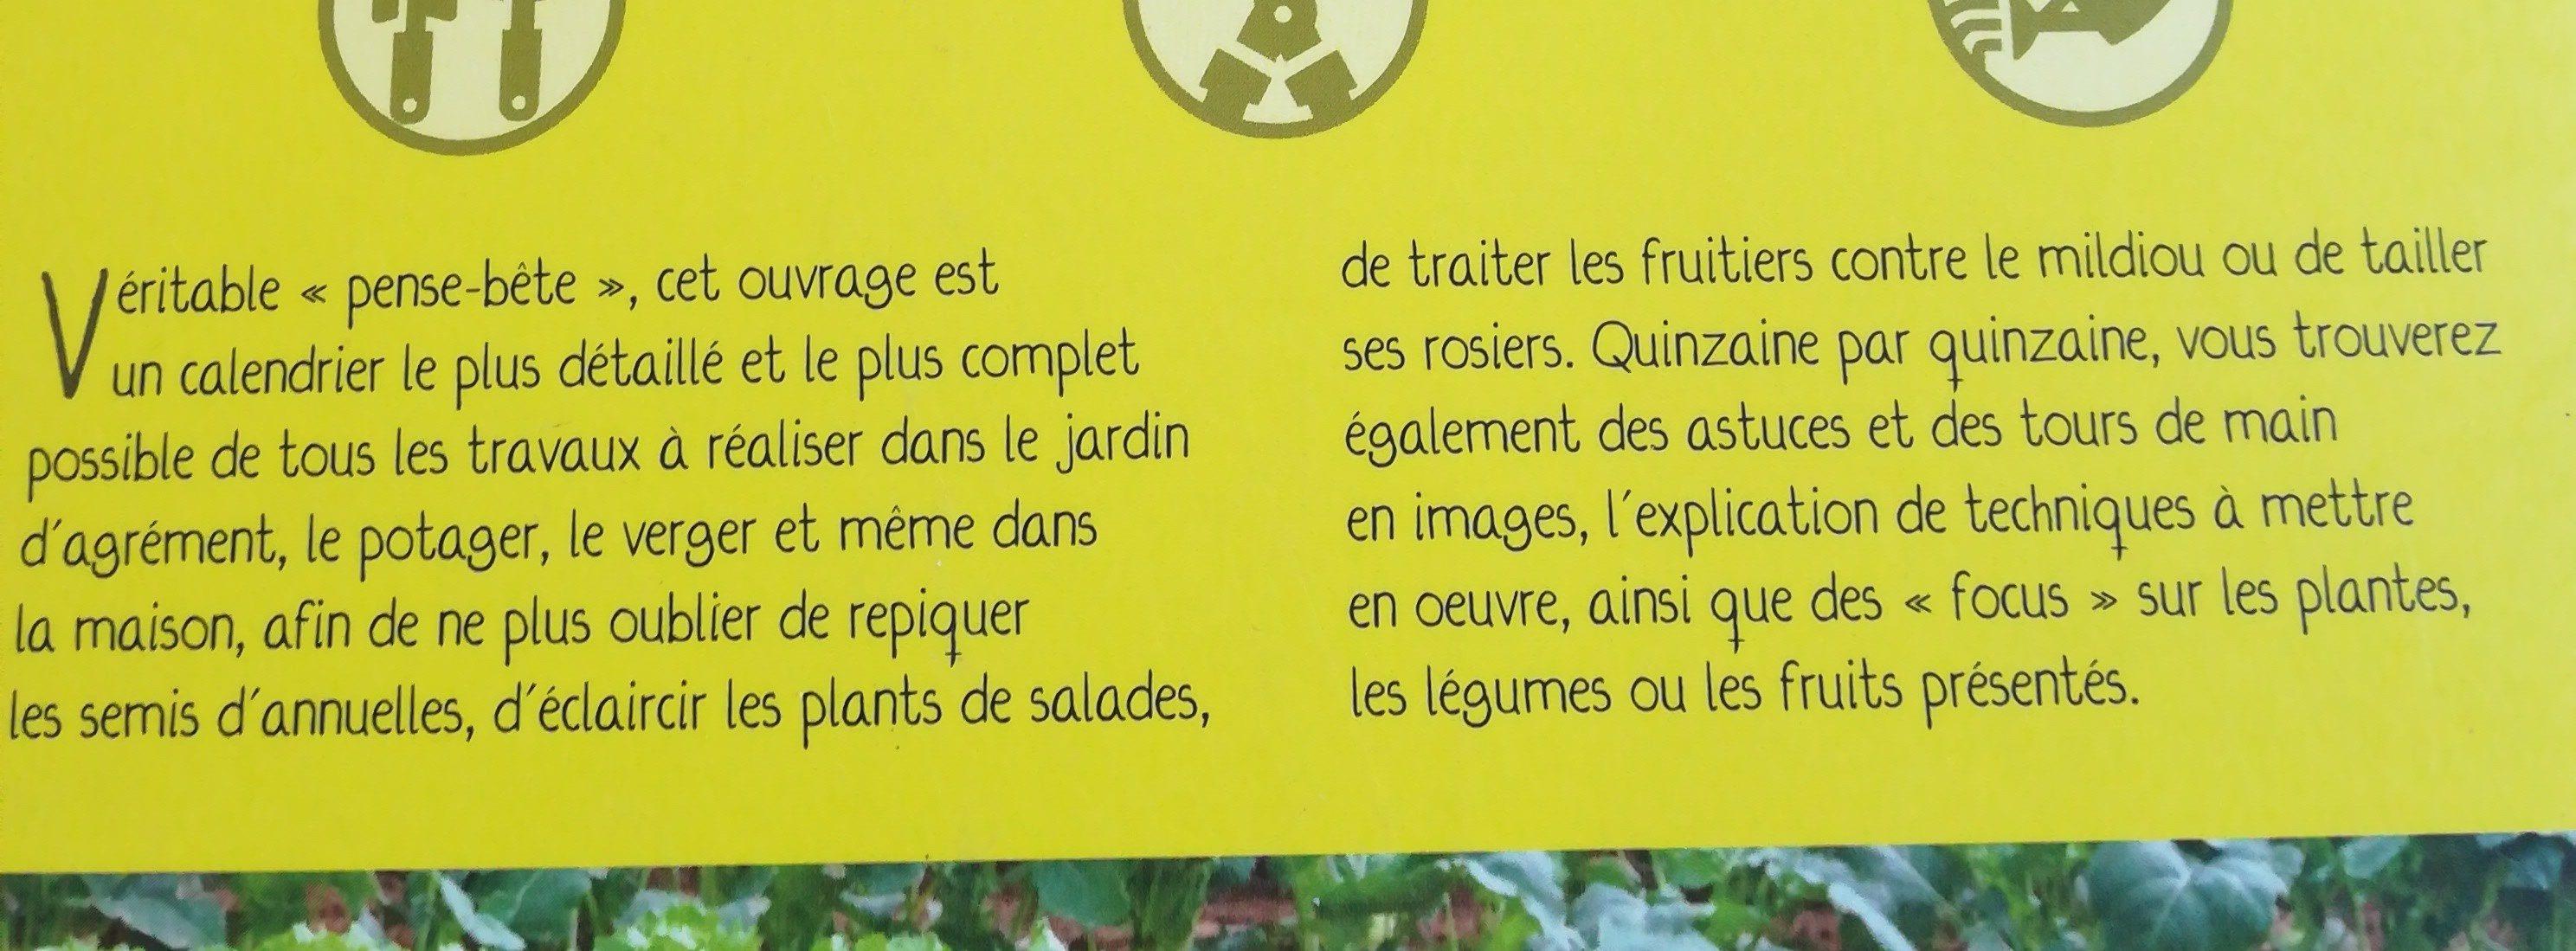 12 mois de jardinage - Ingrédients - fr